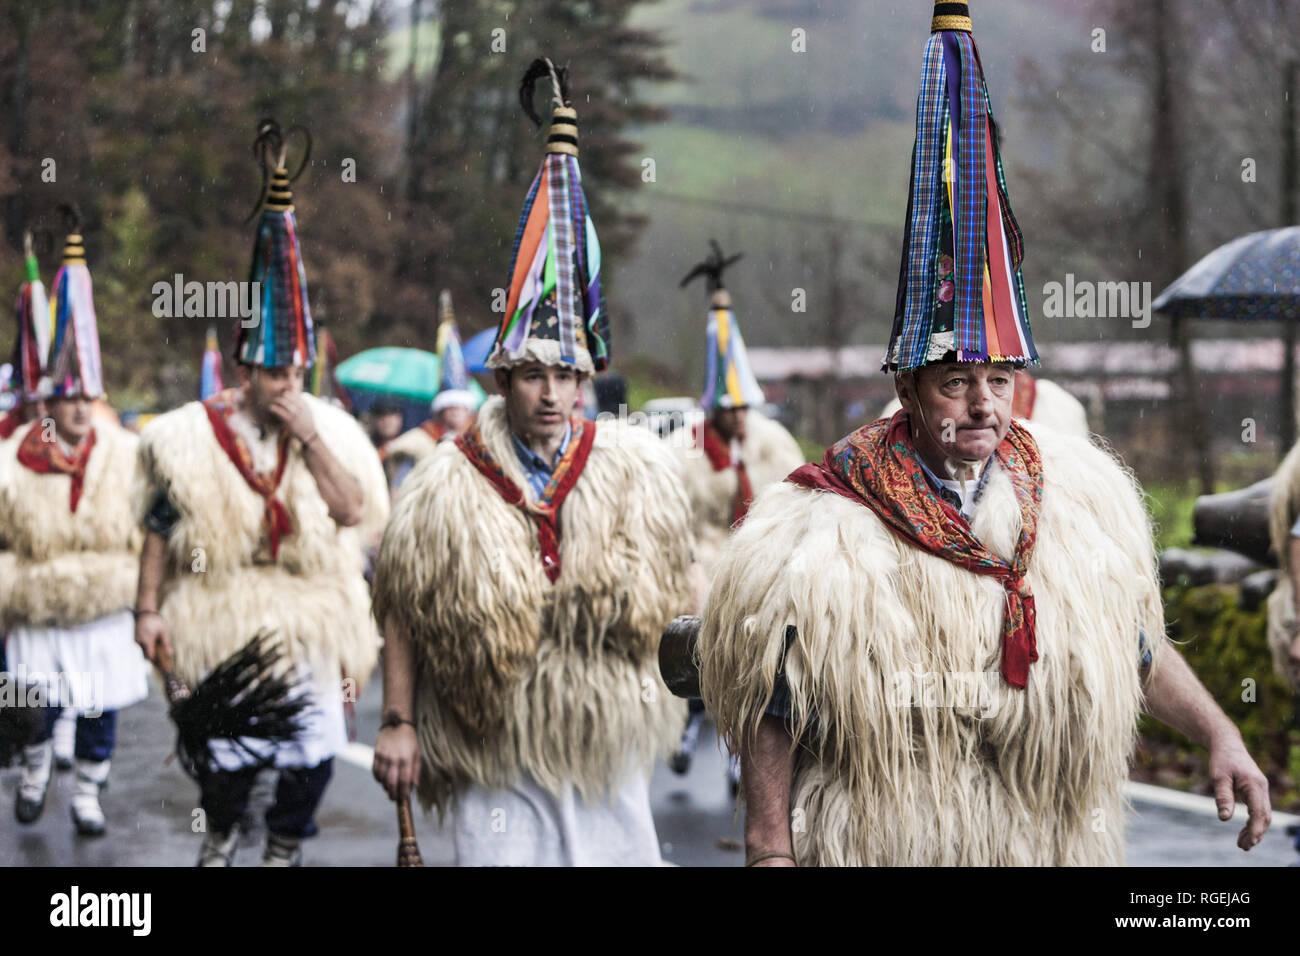 Zubieta, Navarra, Espagne. 29 janvier, 2019. Les participants du carnaval de Zubieta traditionnel habillé en ''joaldunaks'' marche dans les rues du village. Credit: Celestino Arce Lavin/ZUMA/Alamy Fil Live News Photo Stock